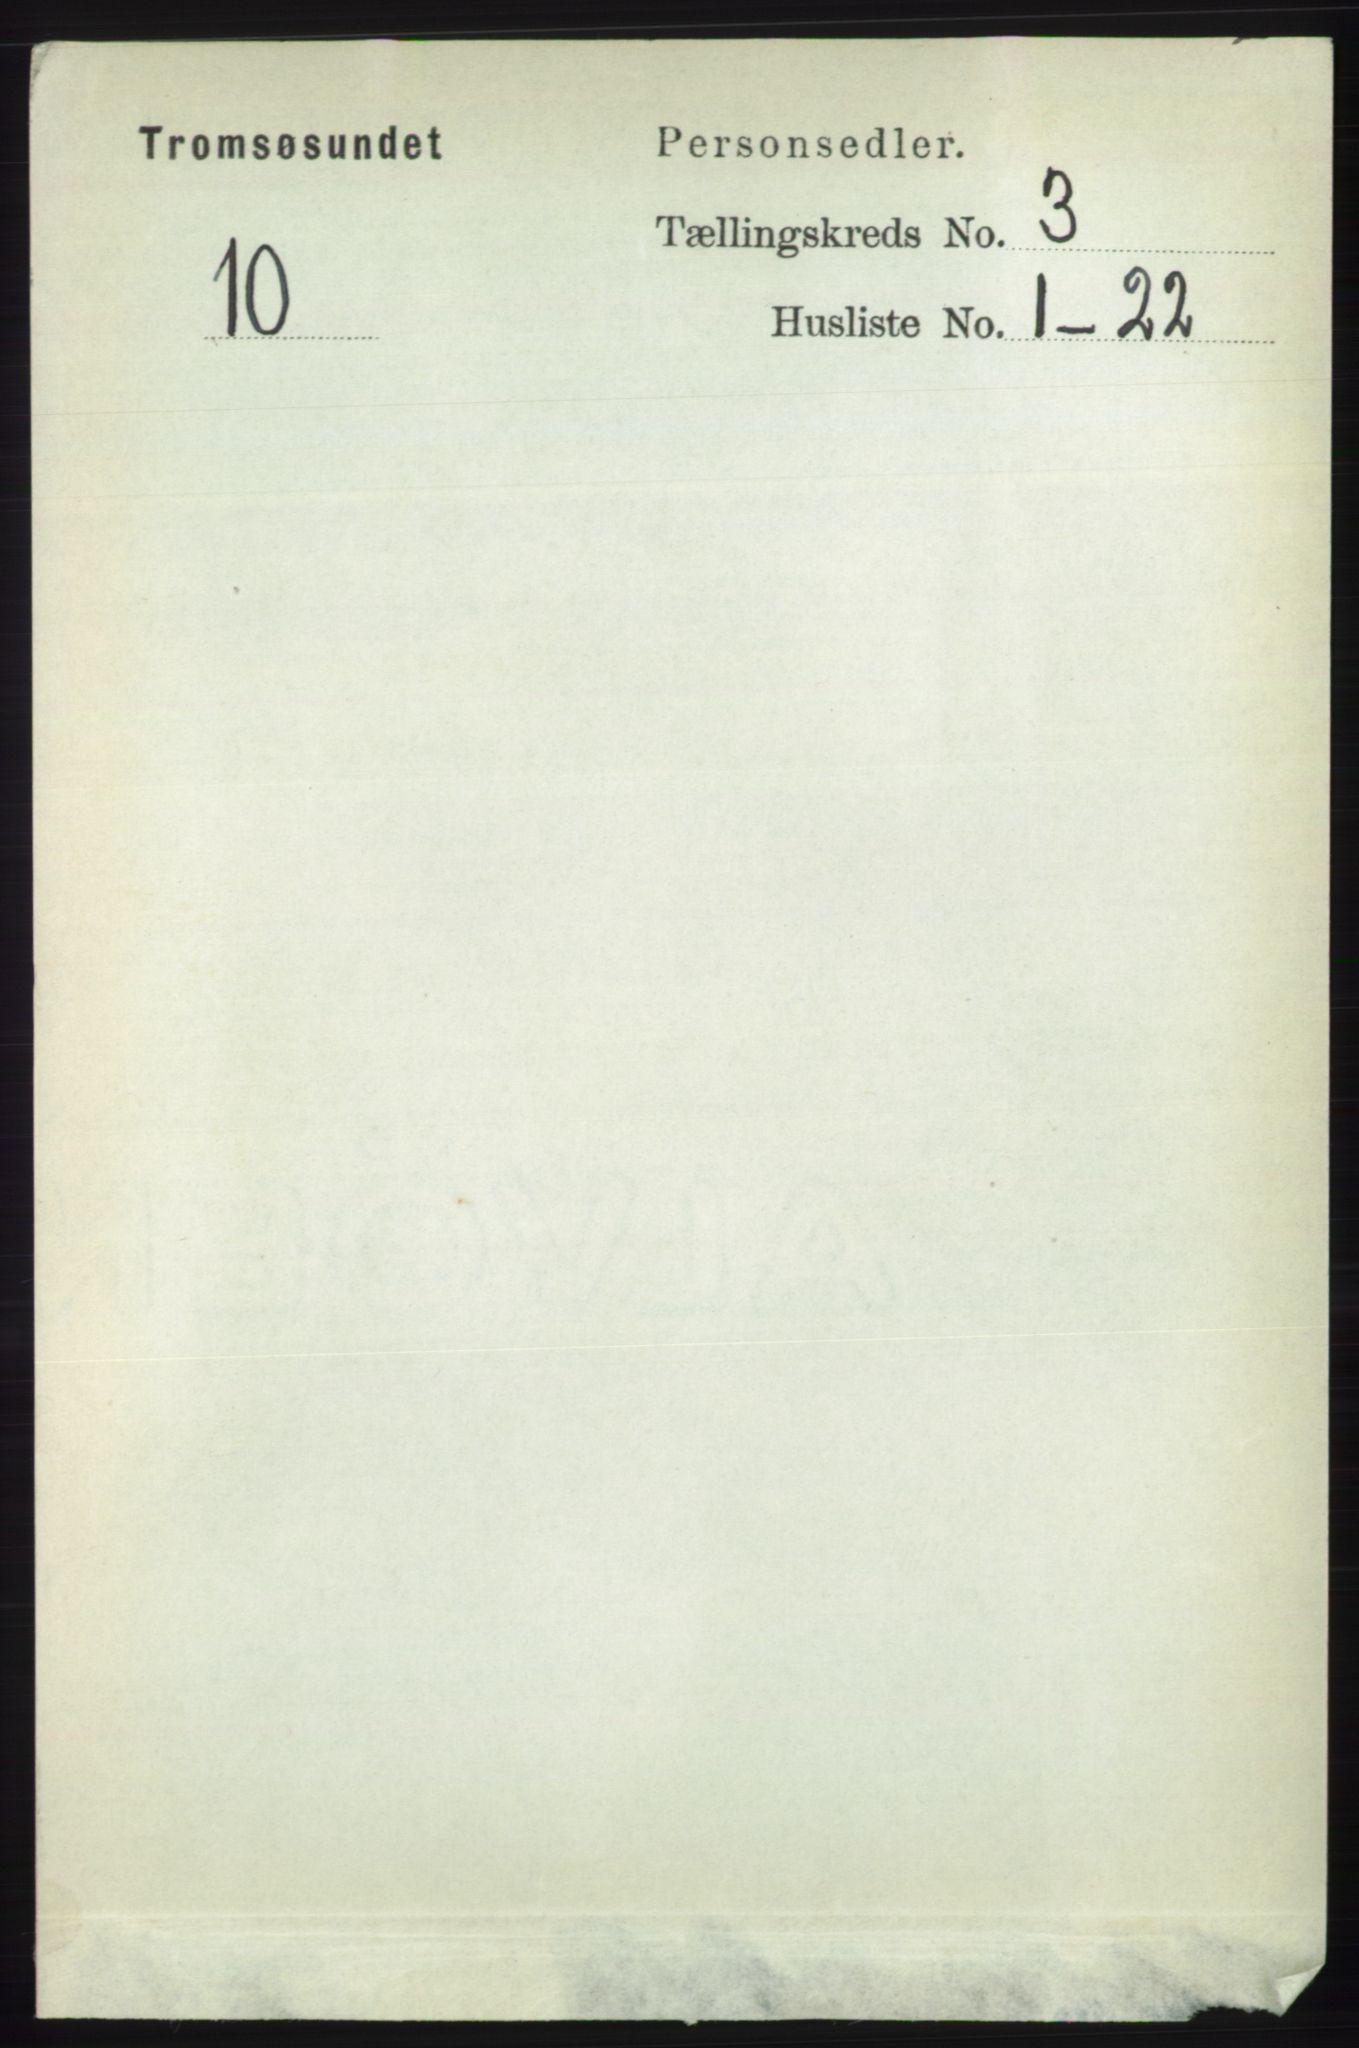 RA, Folketelling 1891 for 1934 Tromsøysund herred, 1891, s. 1001